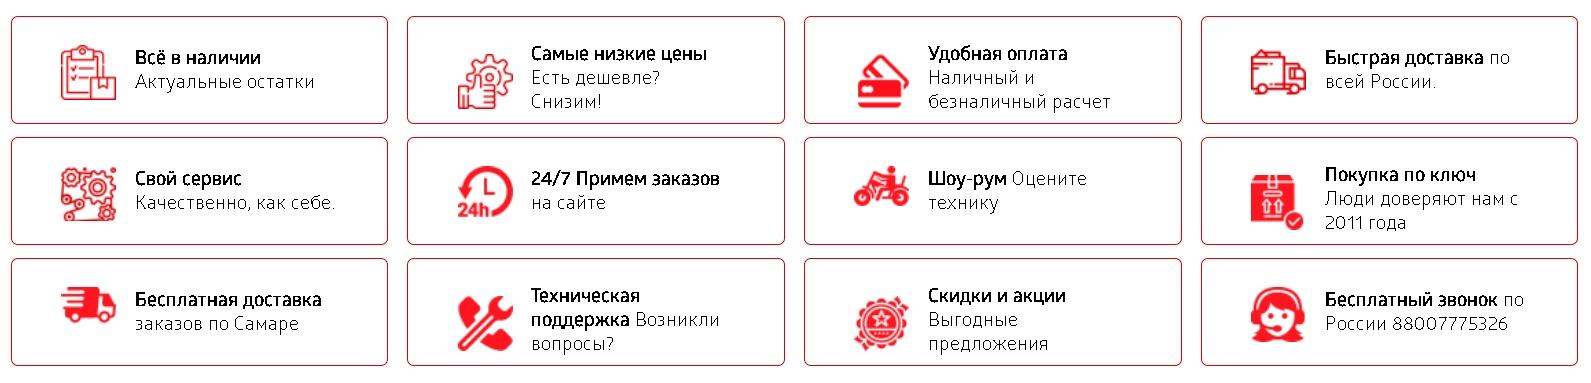 AexLONWKO3g.jpg